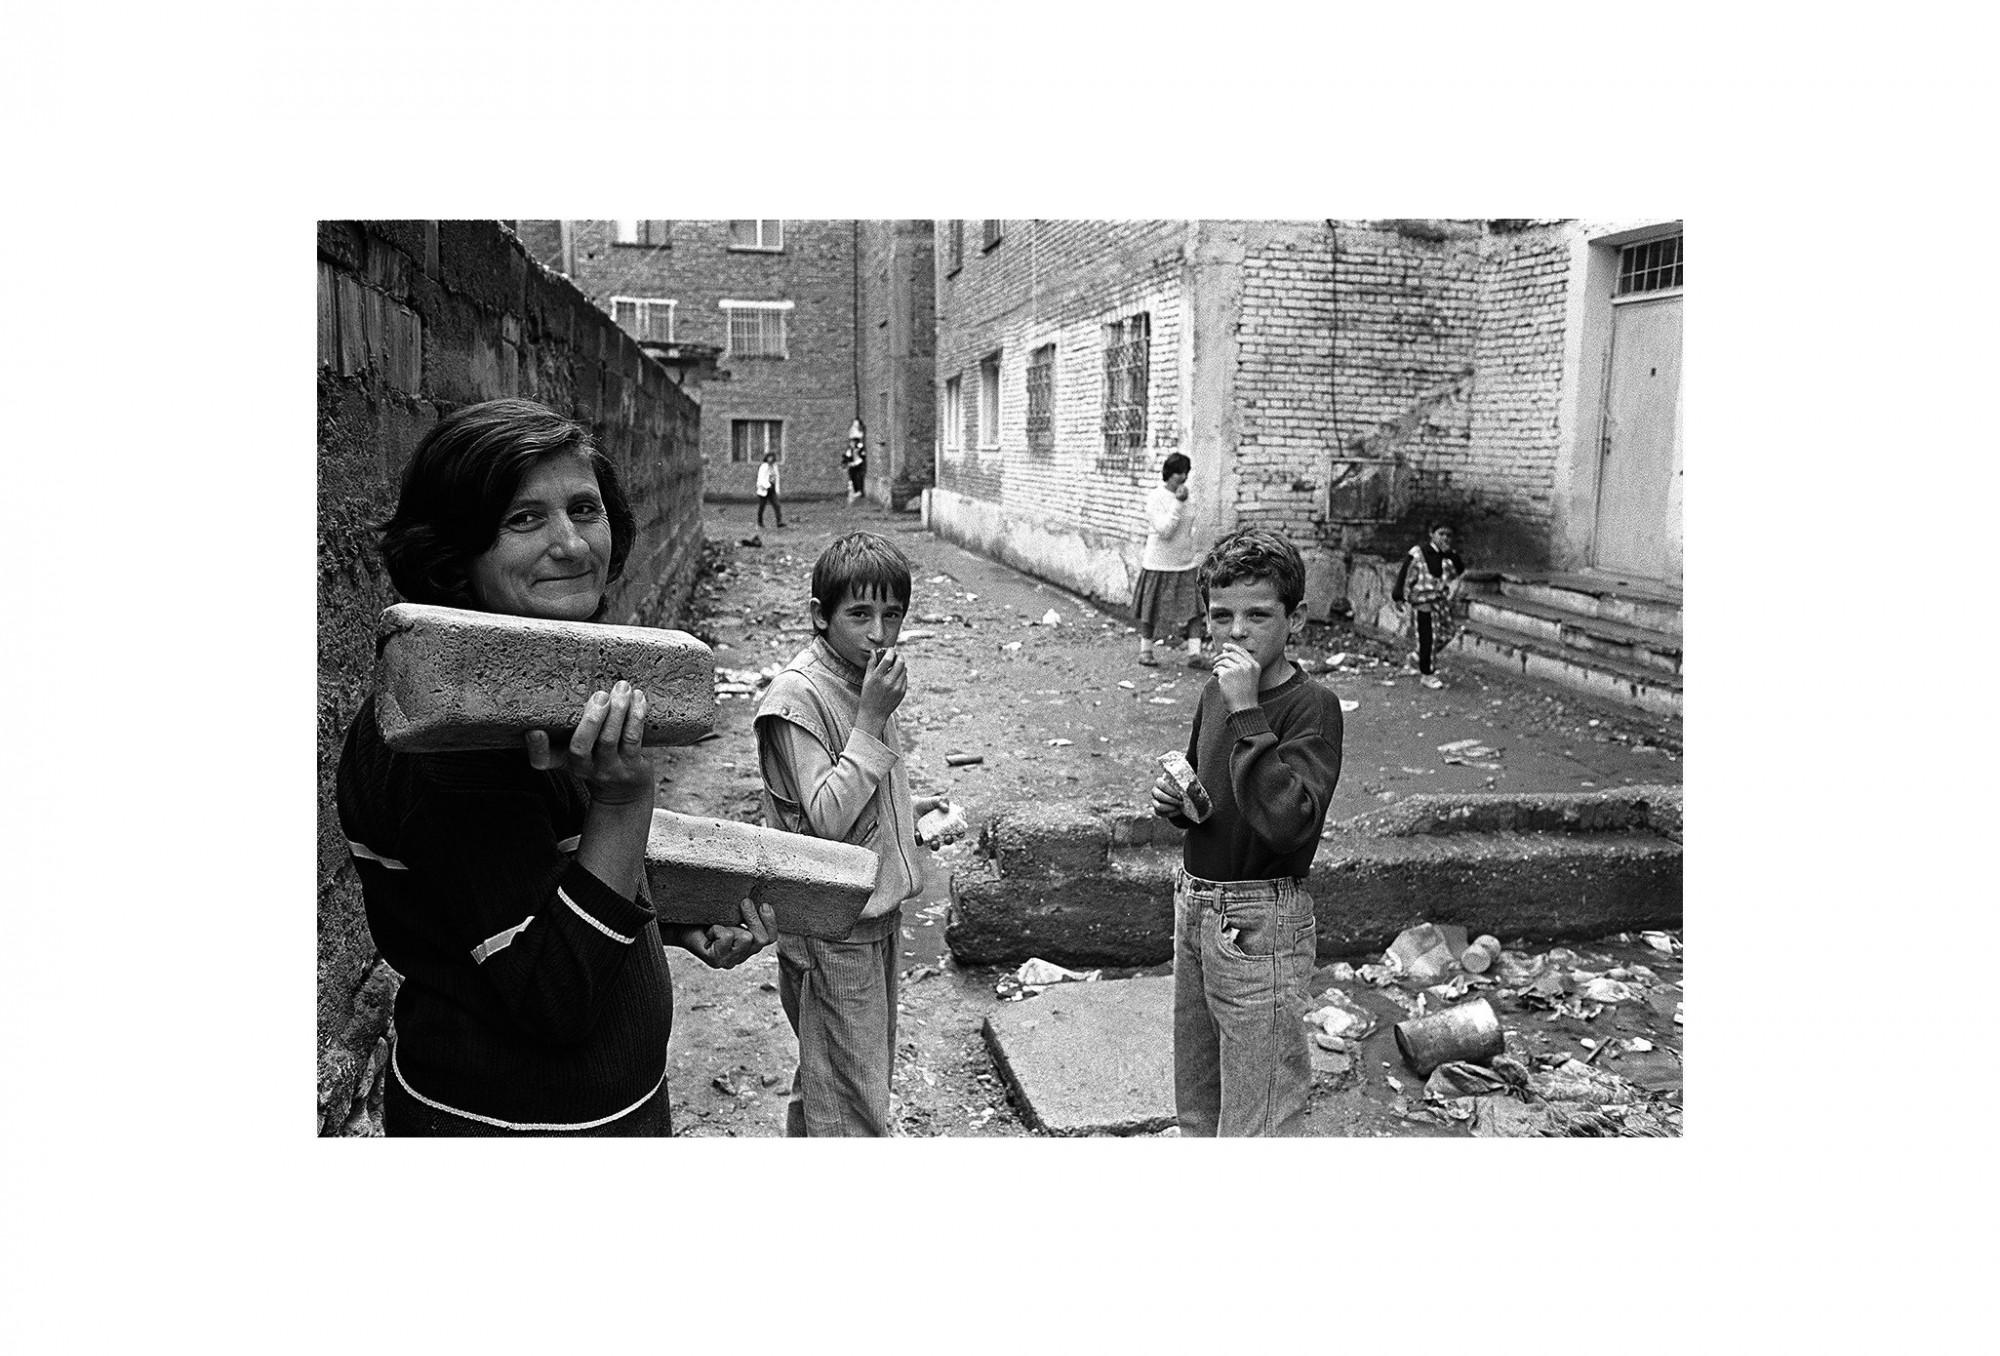 Afbeelding: Fotokunst Dominique Van Huffel, uit de reeks: Waar de sterre bleef stille staan. Brood, Albanië.